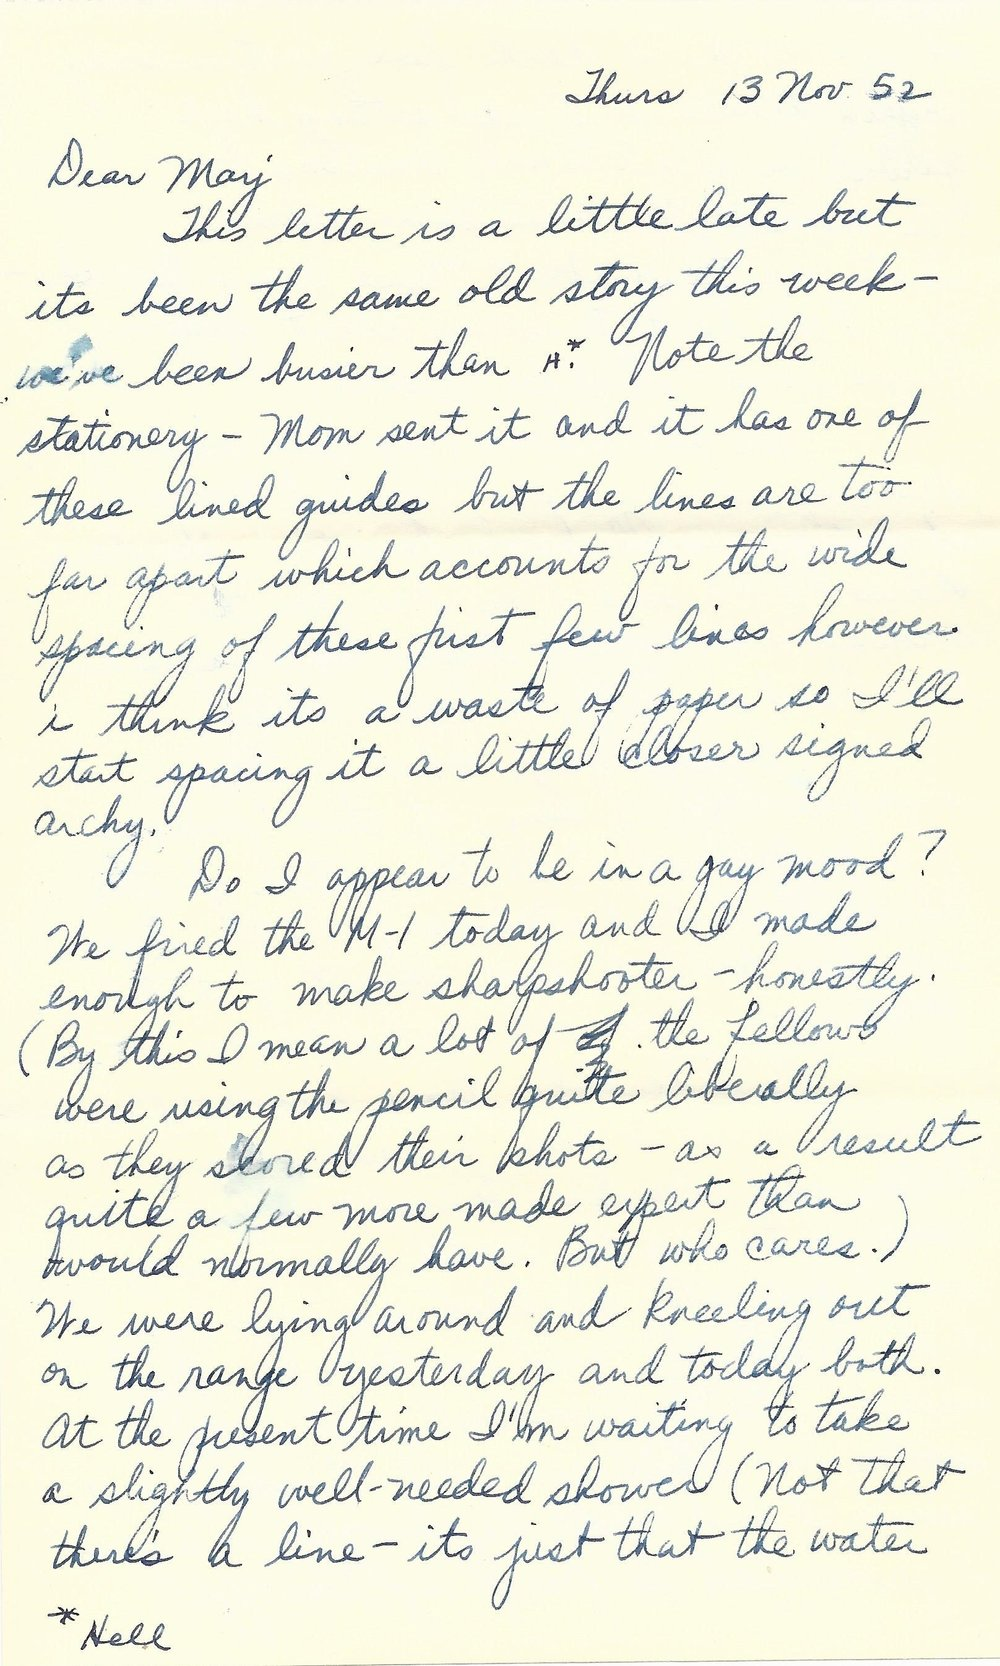 7. Nov. 13, 1952 (Opa)_Page_2.jpg